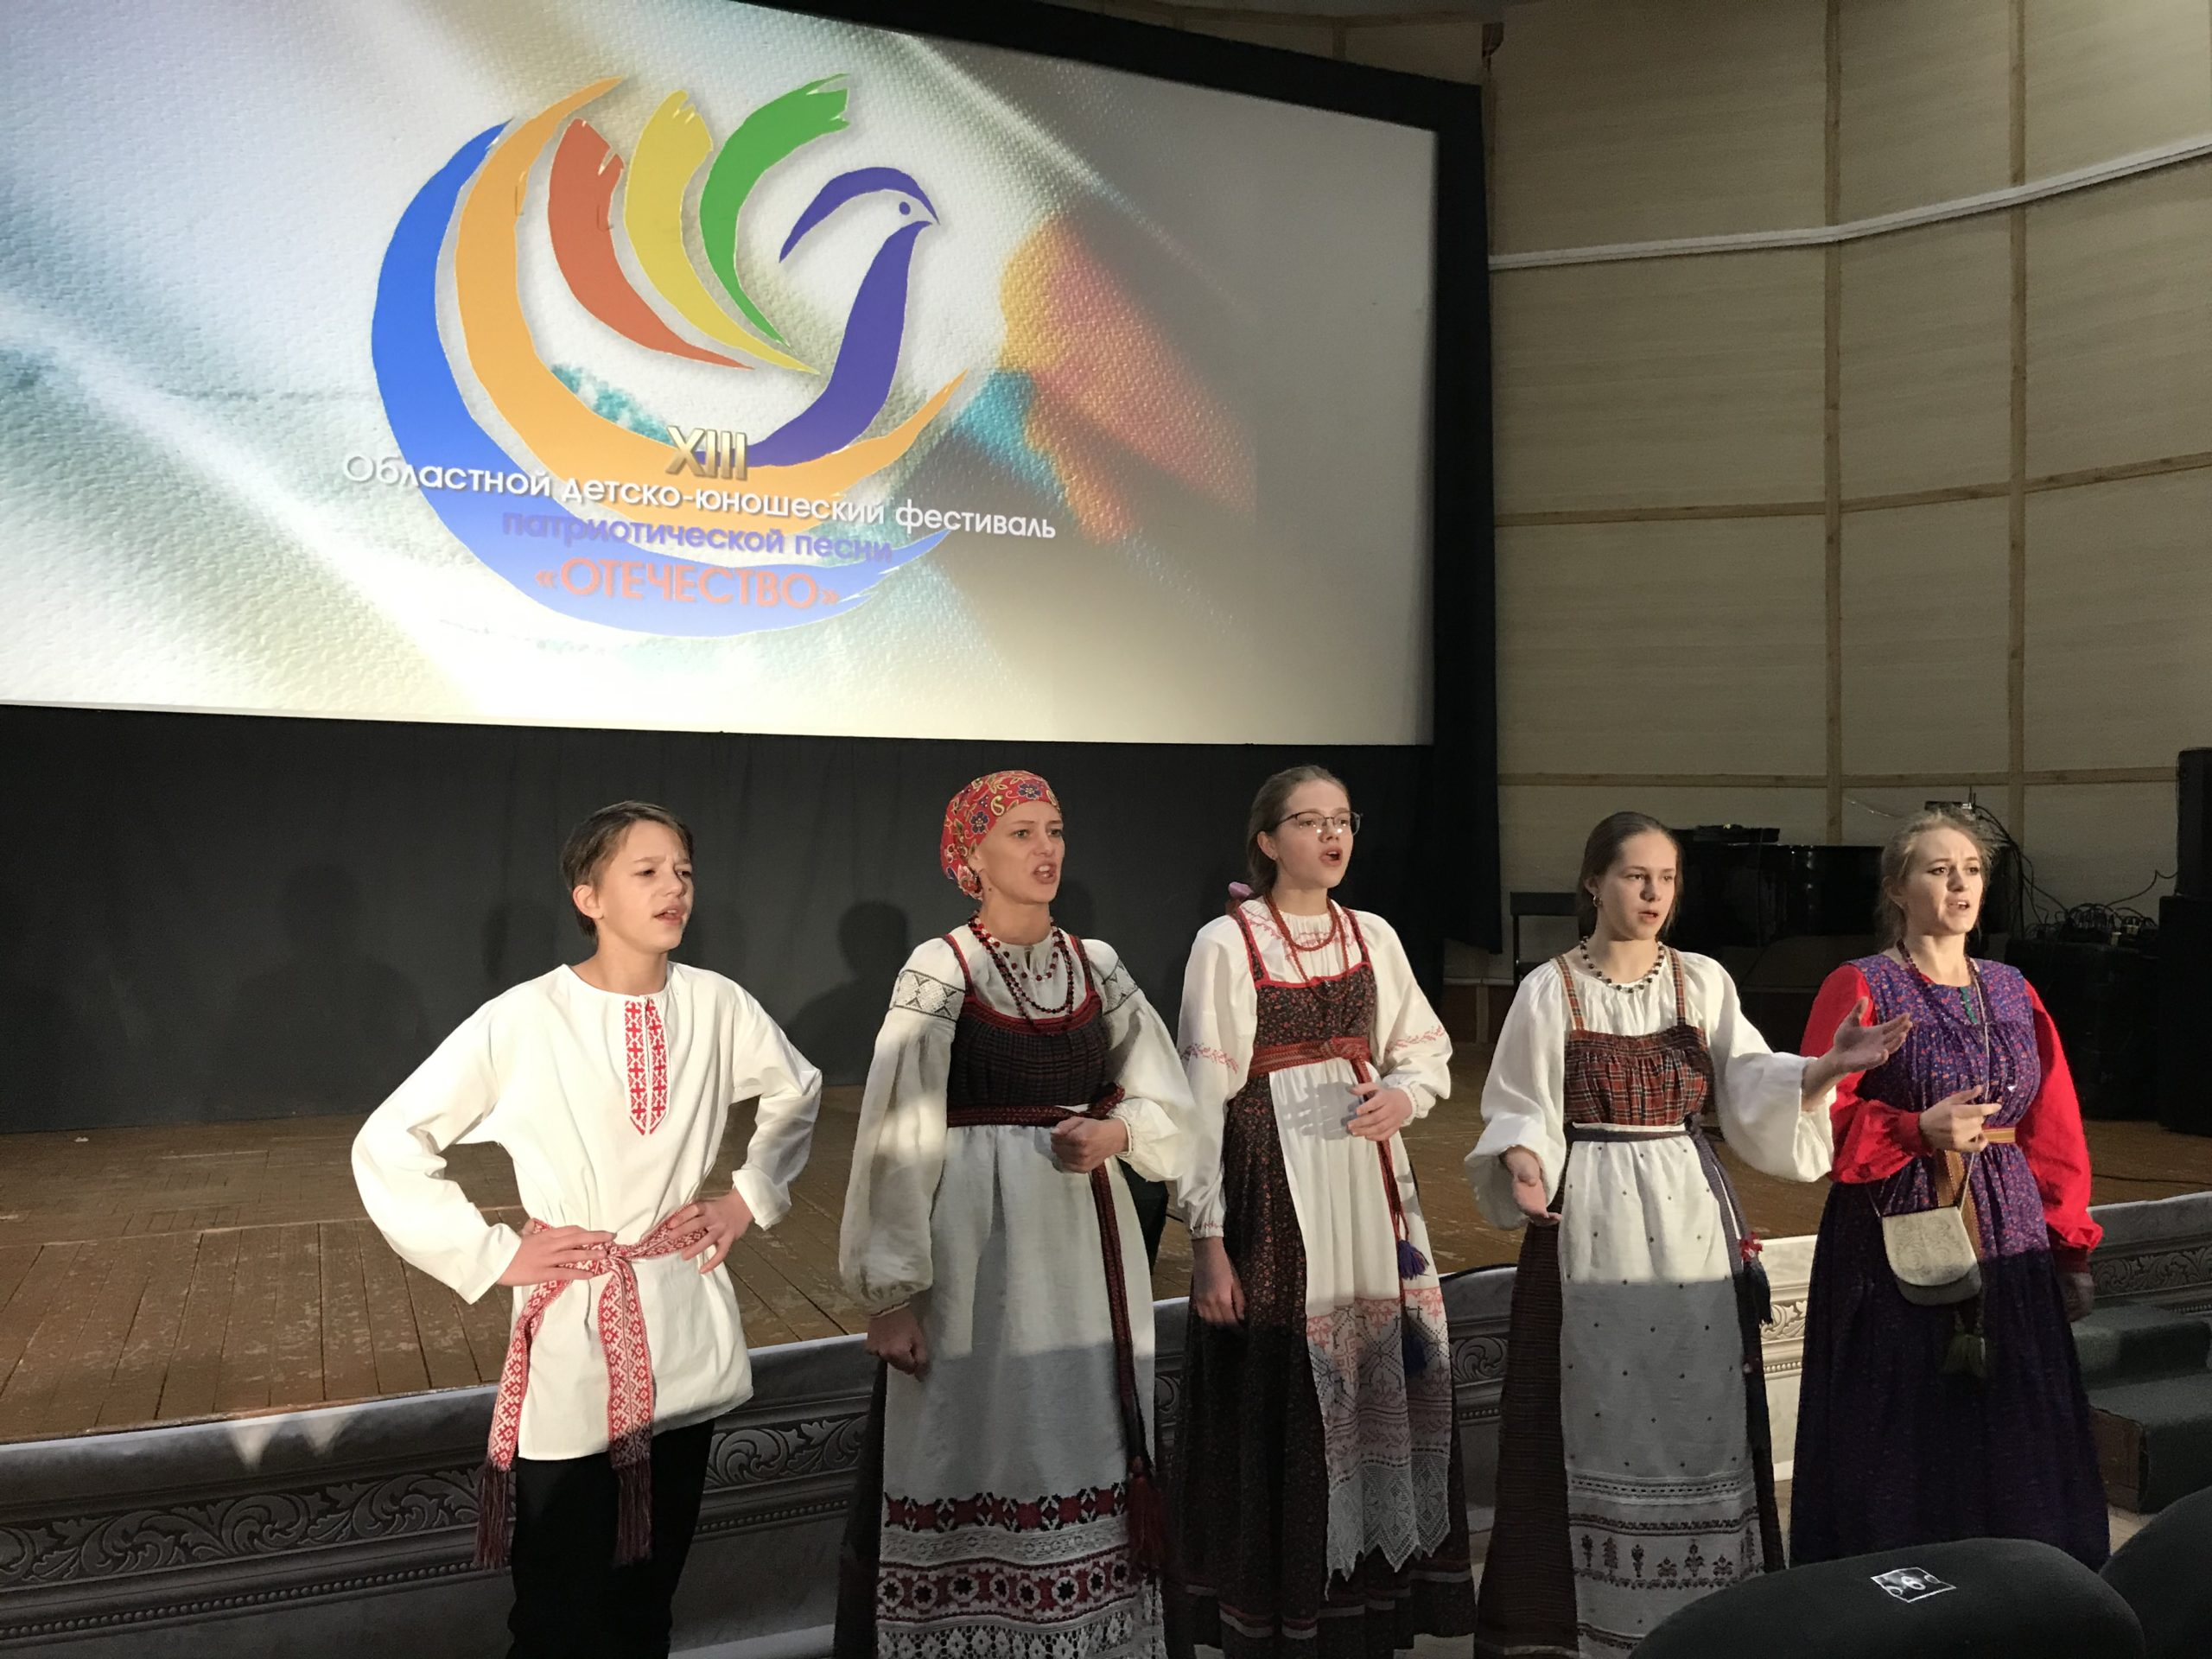 В Твери объявят победителей конкурса патриотической песни «Отечество»